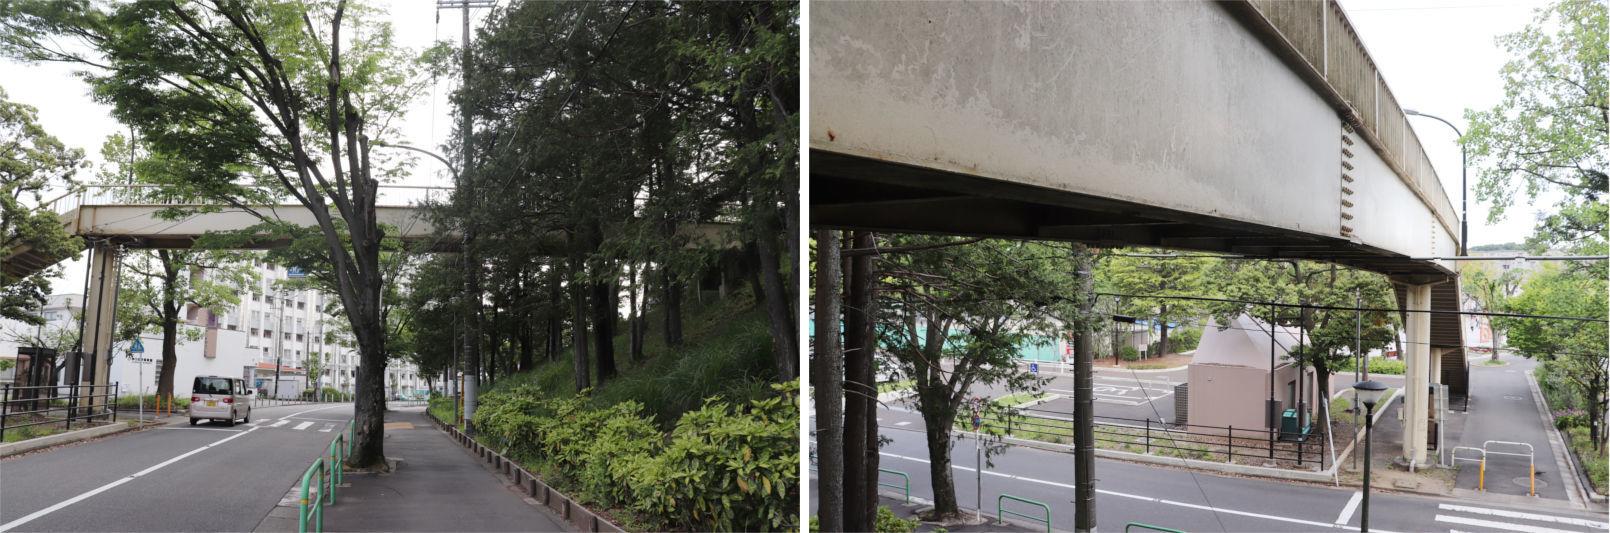 [多摩NTの橋ぜんぶ撮影PJ] No.81~85 永山地区の橋_a0332275_23083199.jpg